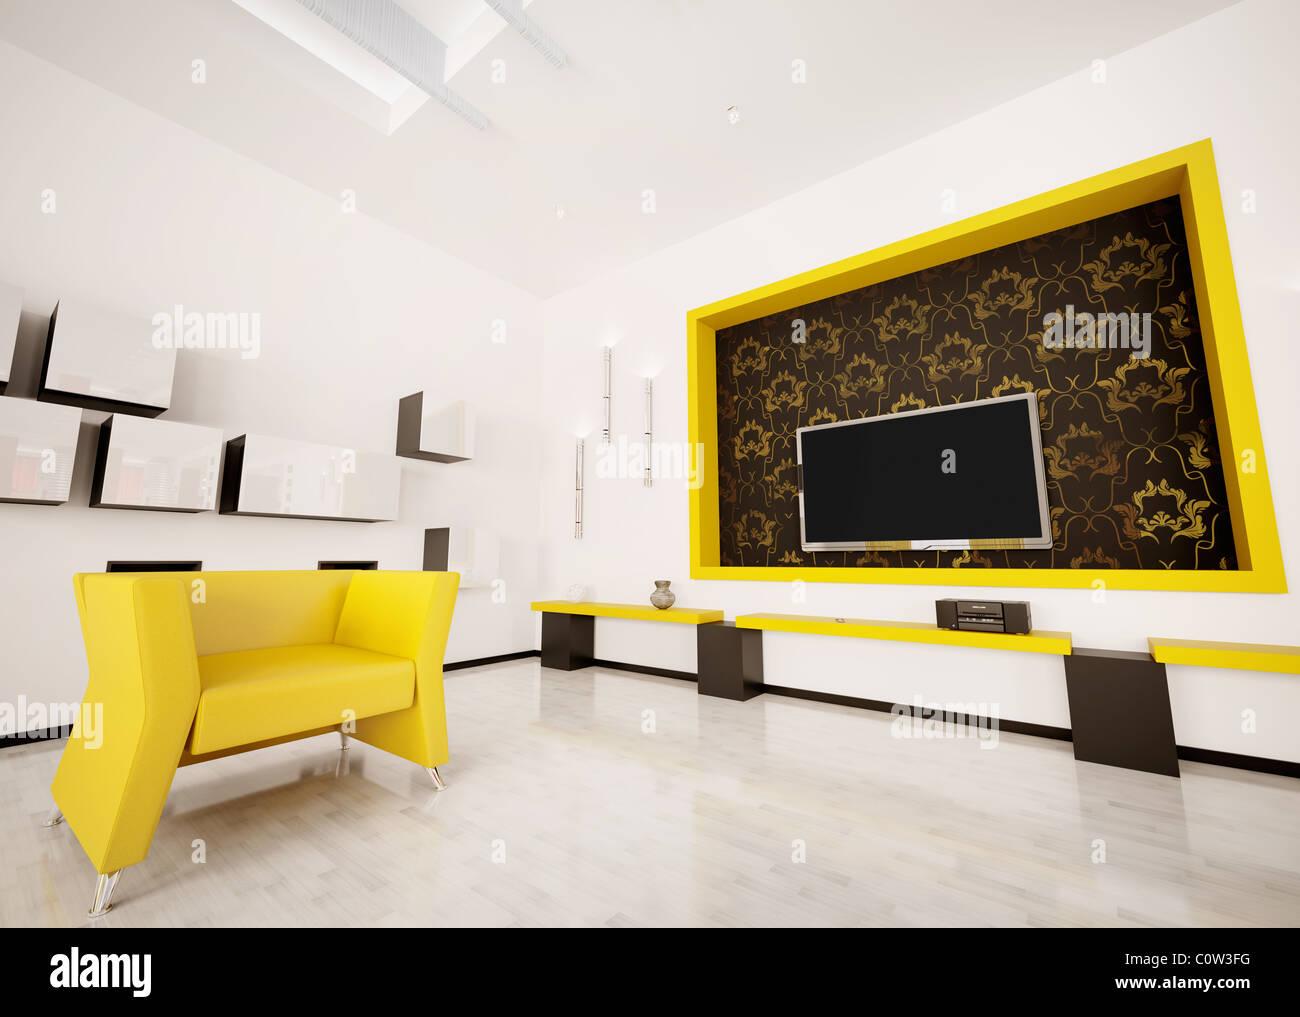 Modernes Interieur Aus Wohnzimmer Mit LCD Anzeige Und Sessel 3d Render  Stockbild